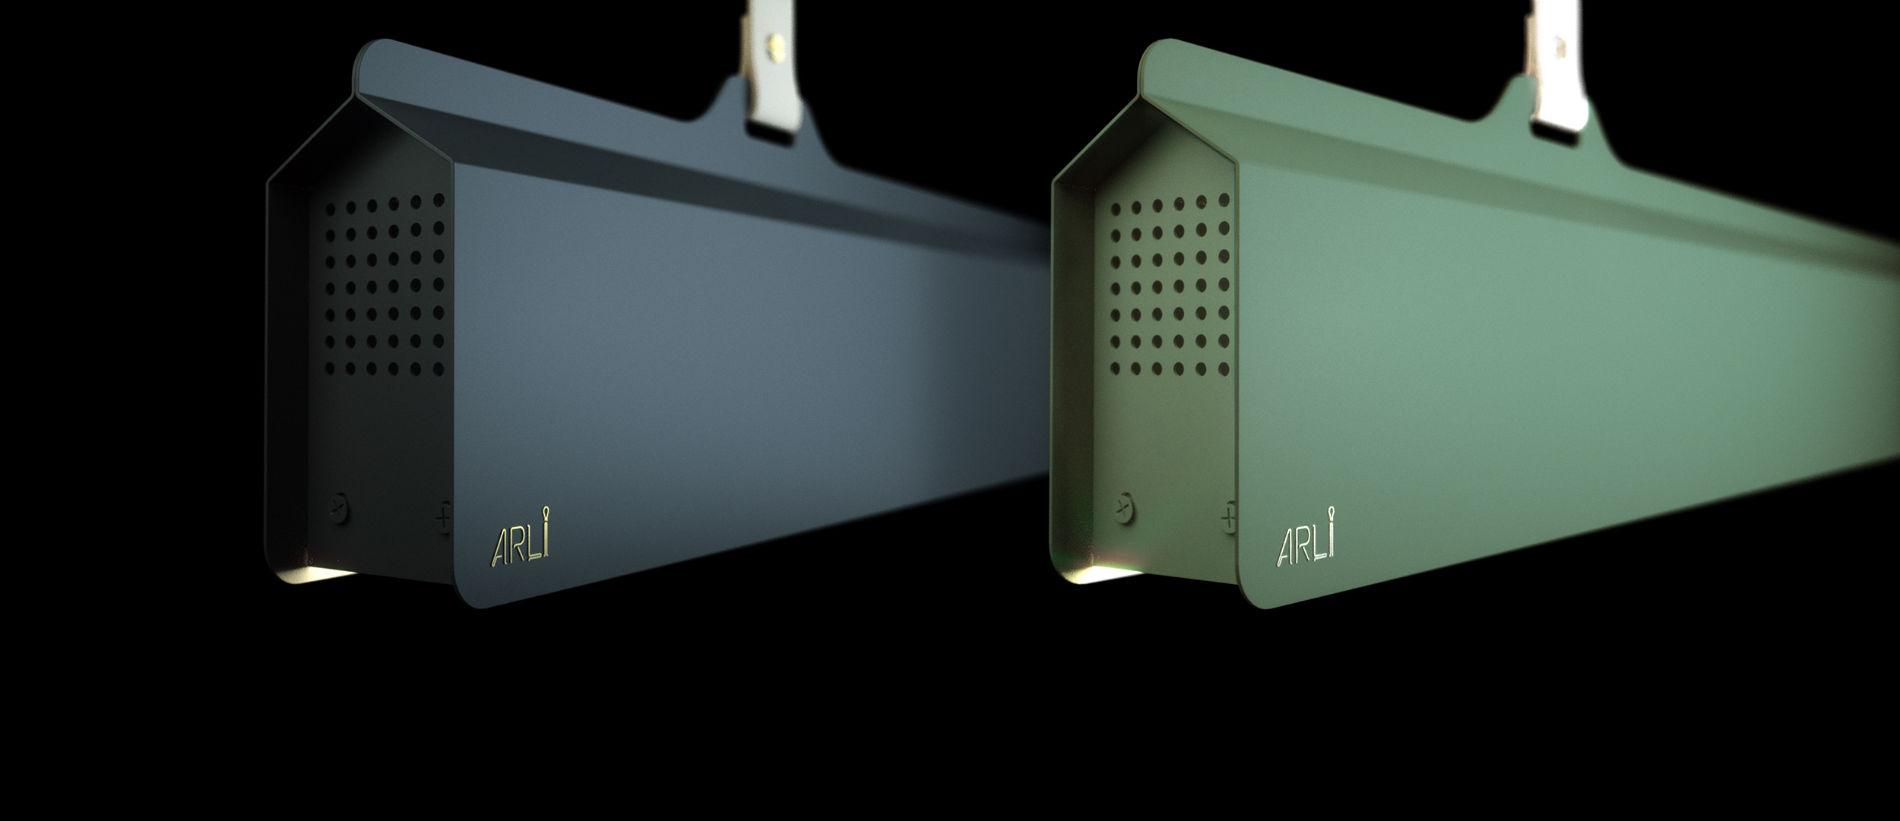 Svietidlá ARLI NO6 s farebným káblom